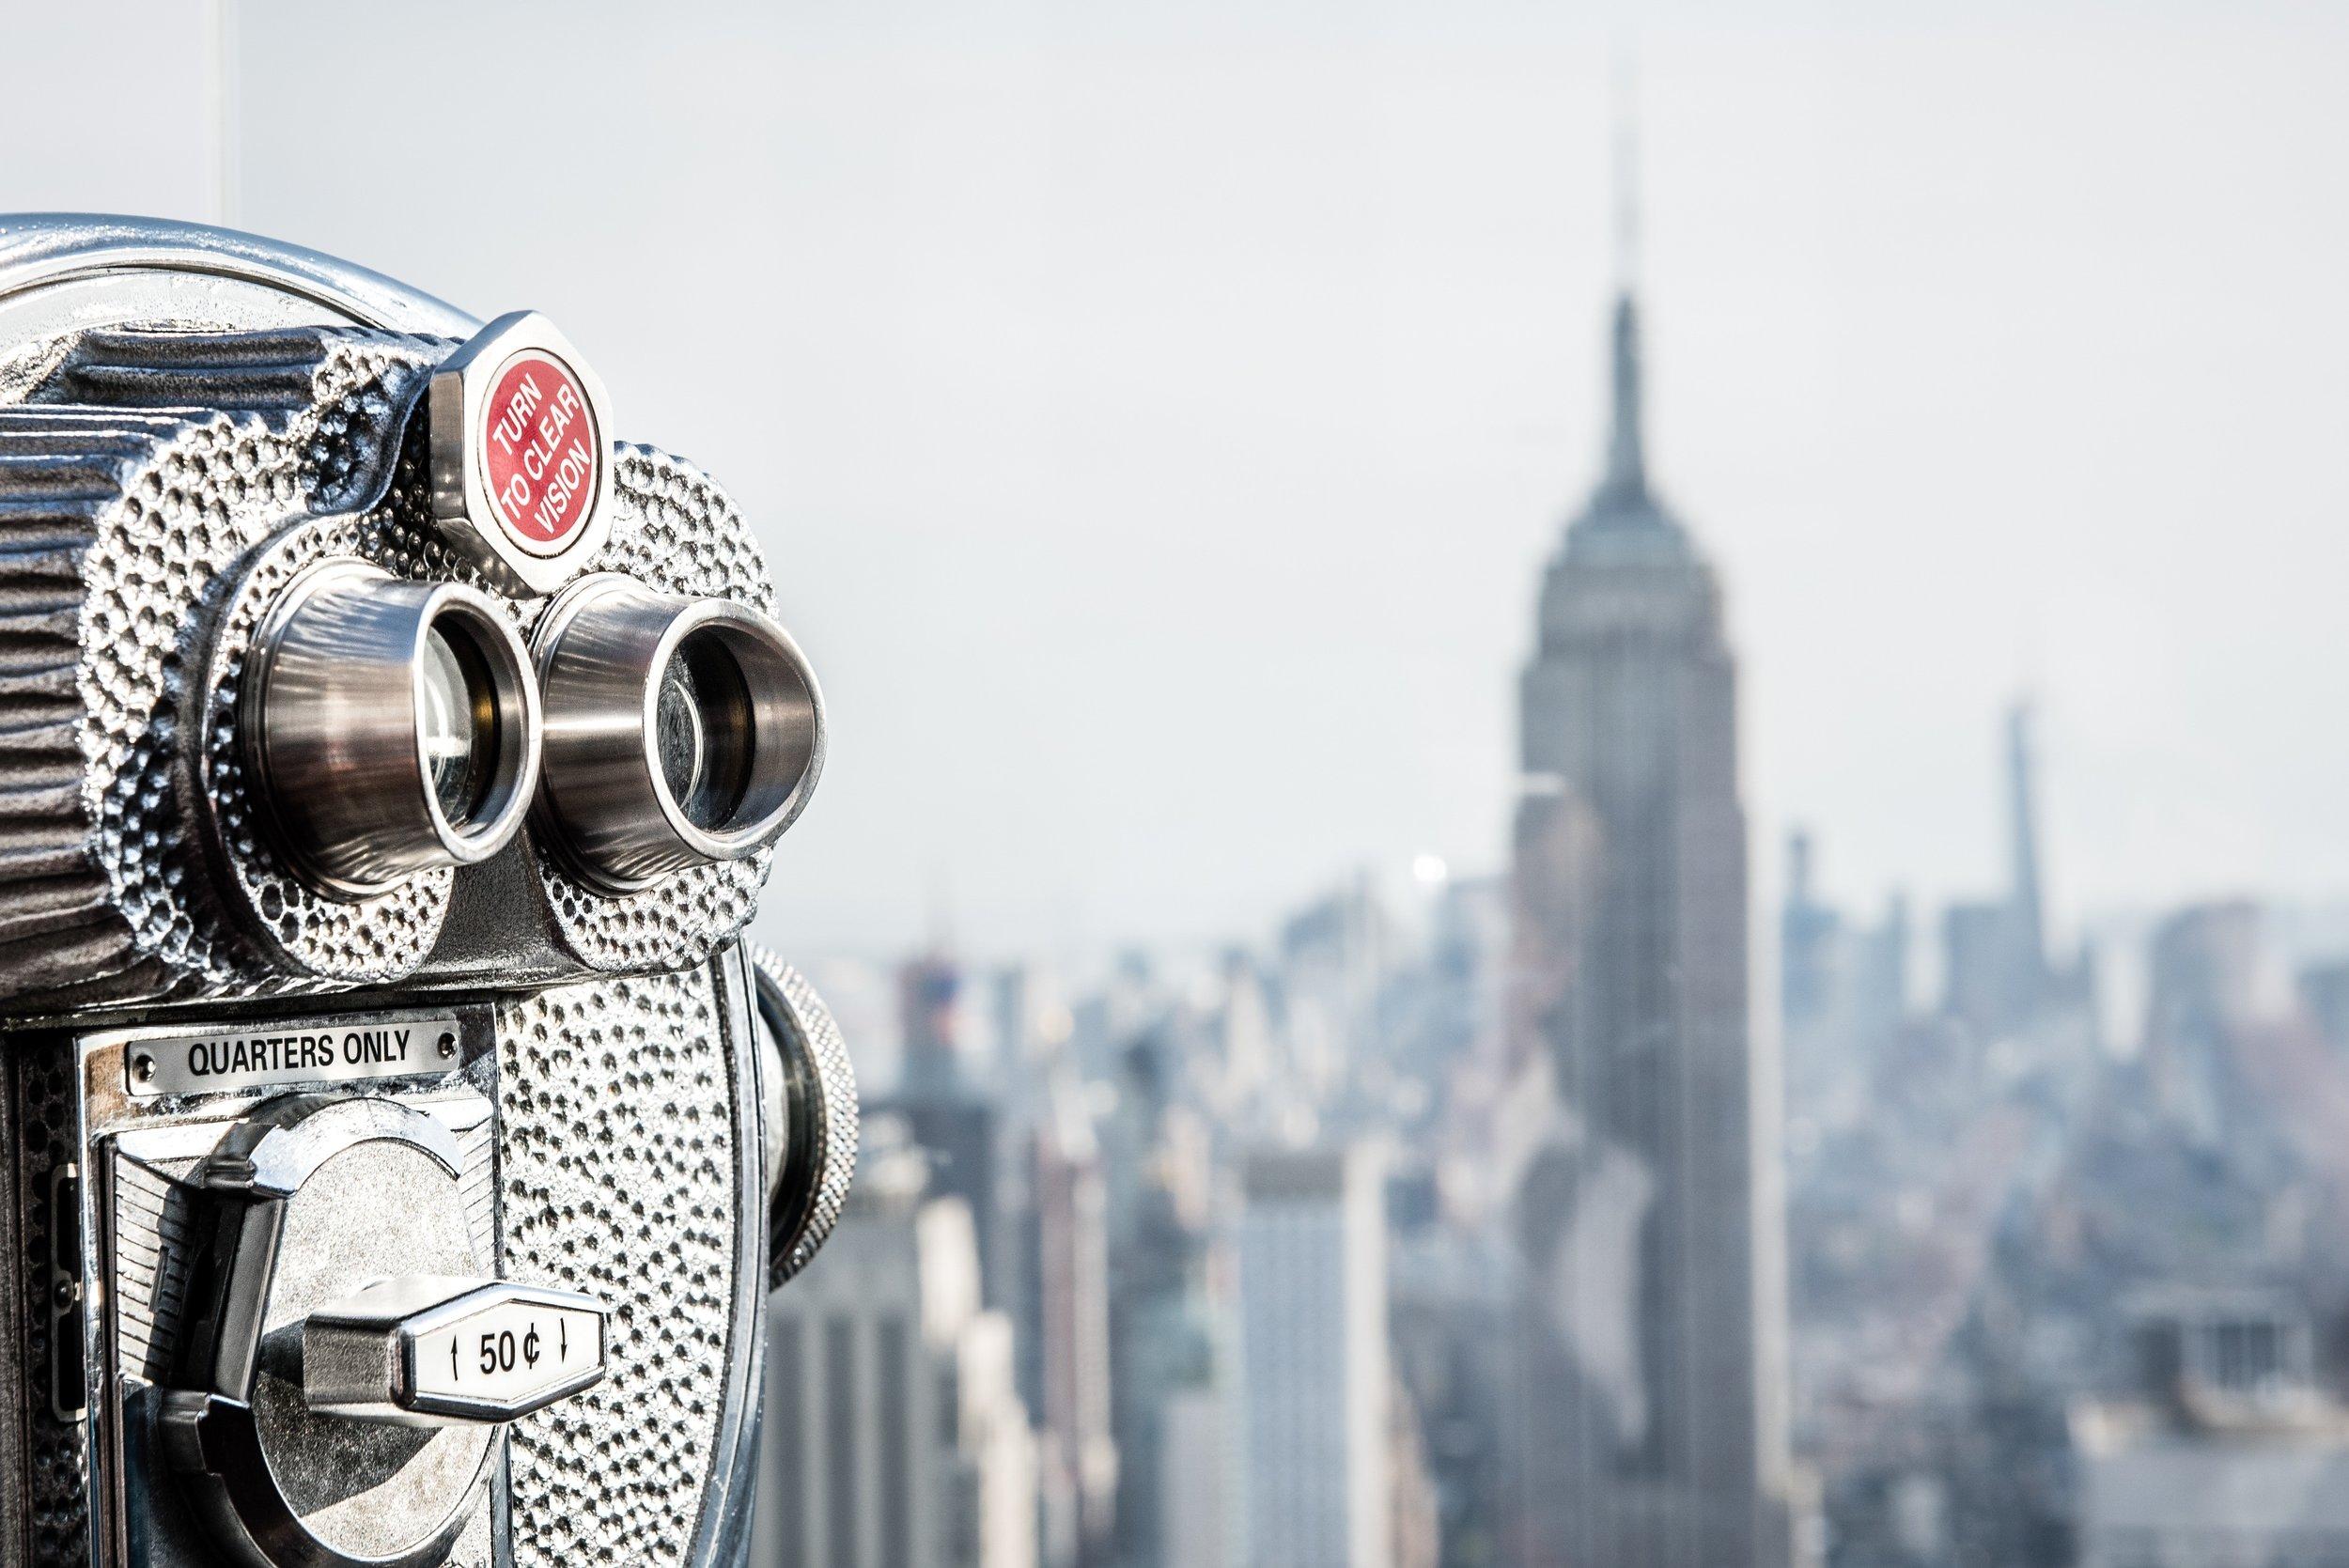 architecture-binoculars-buildings-237258.jpg